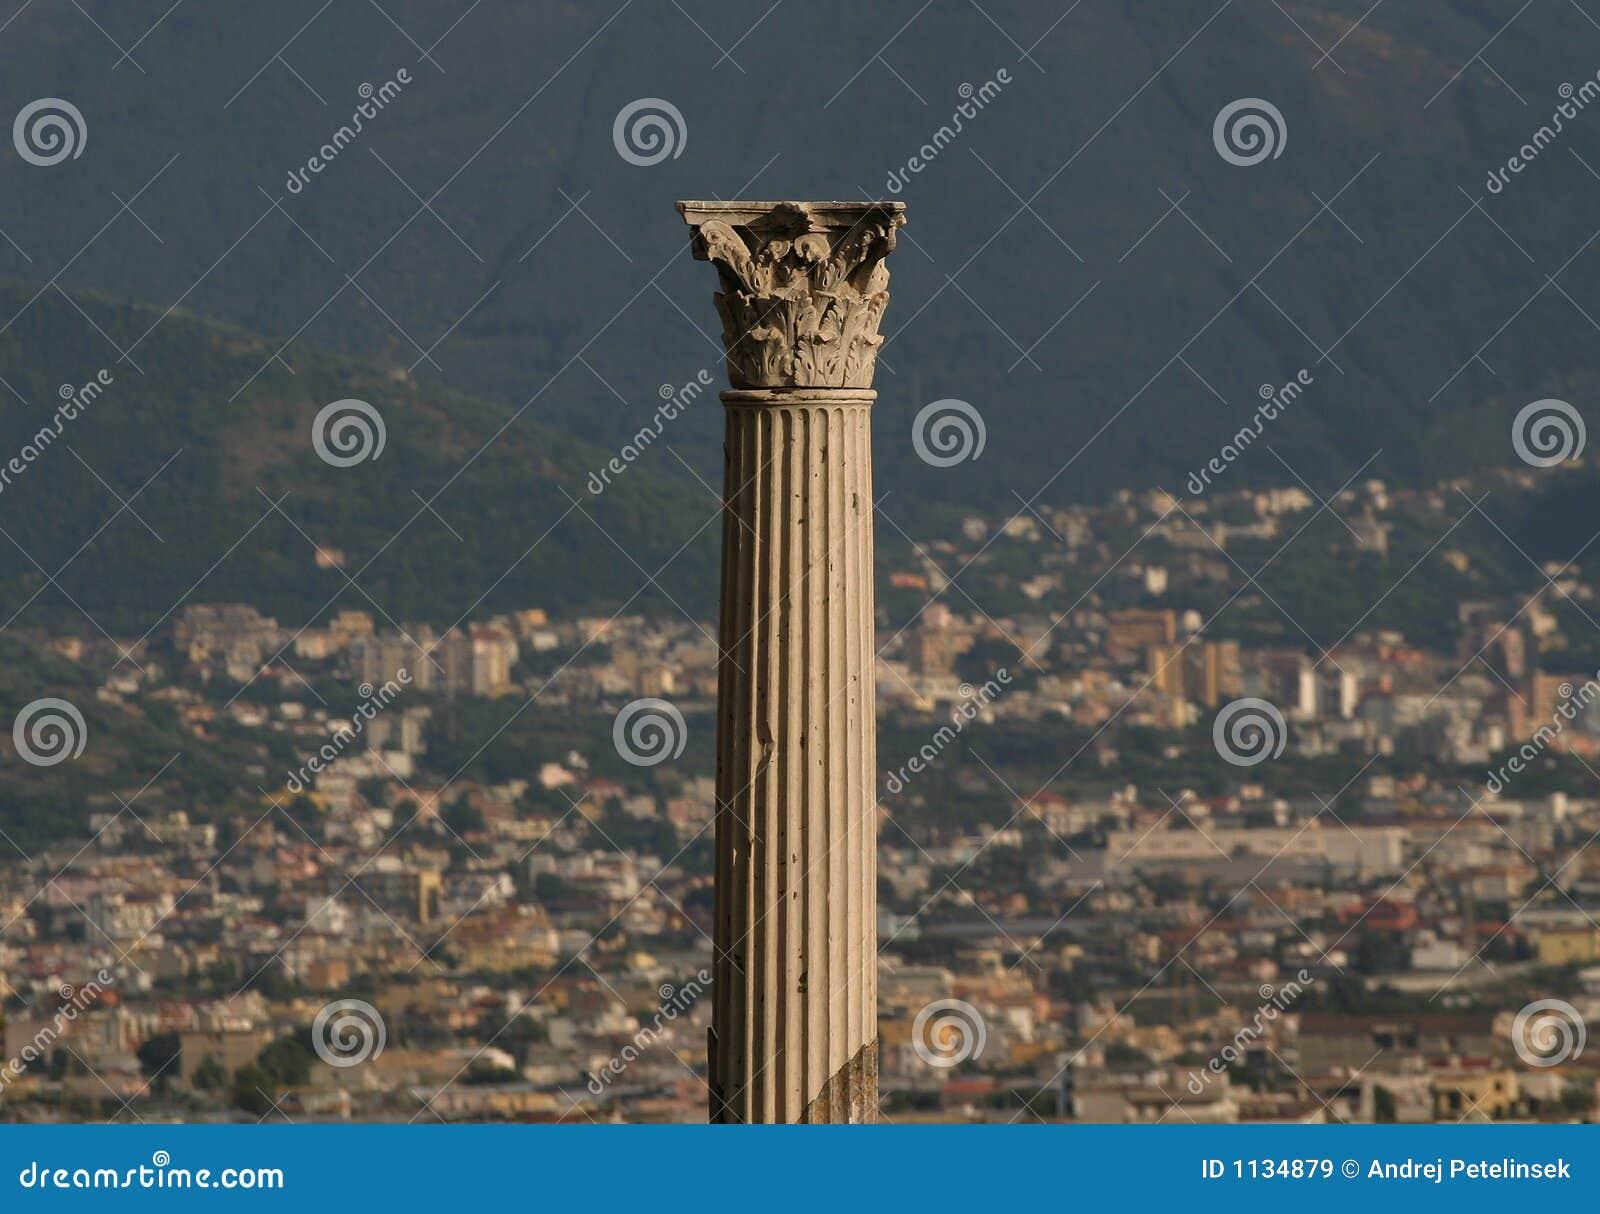 Pompeii antique